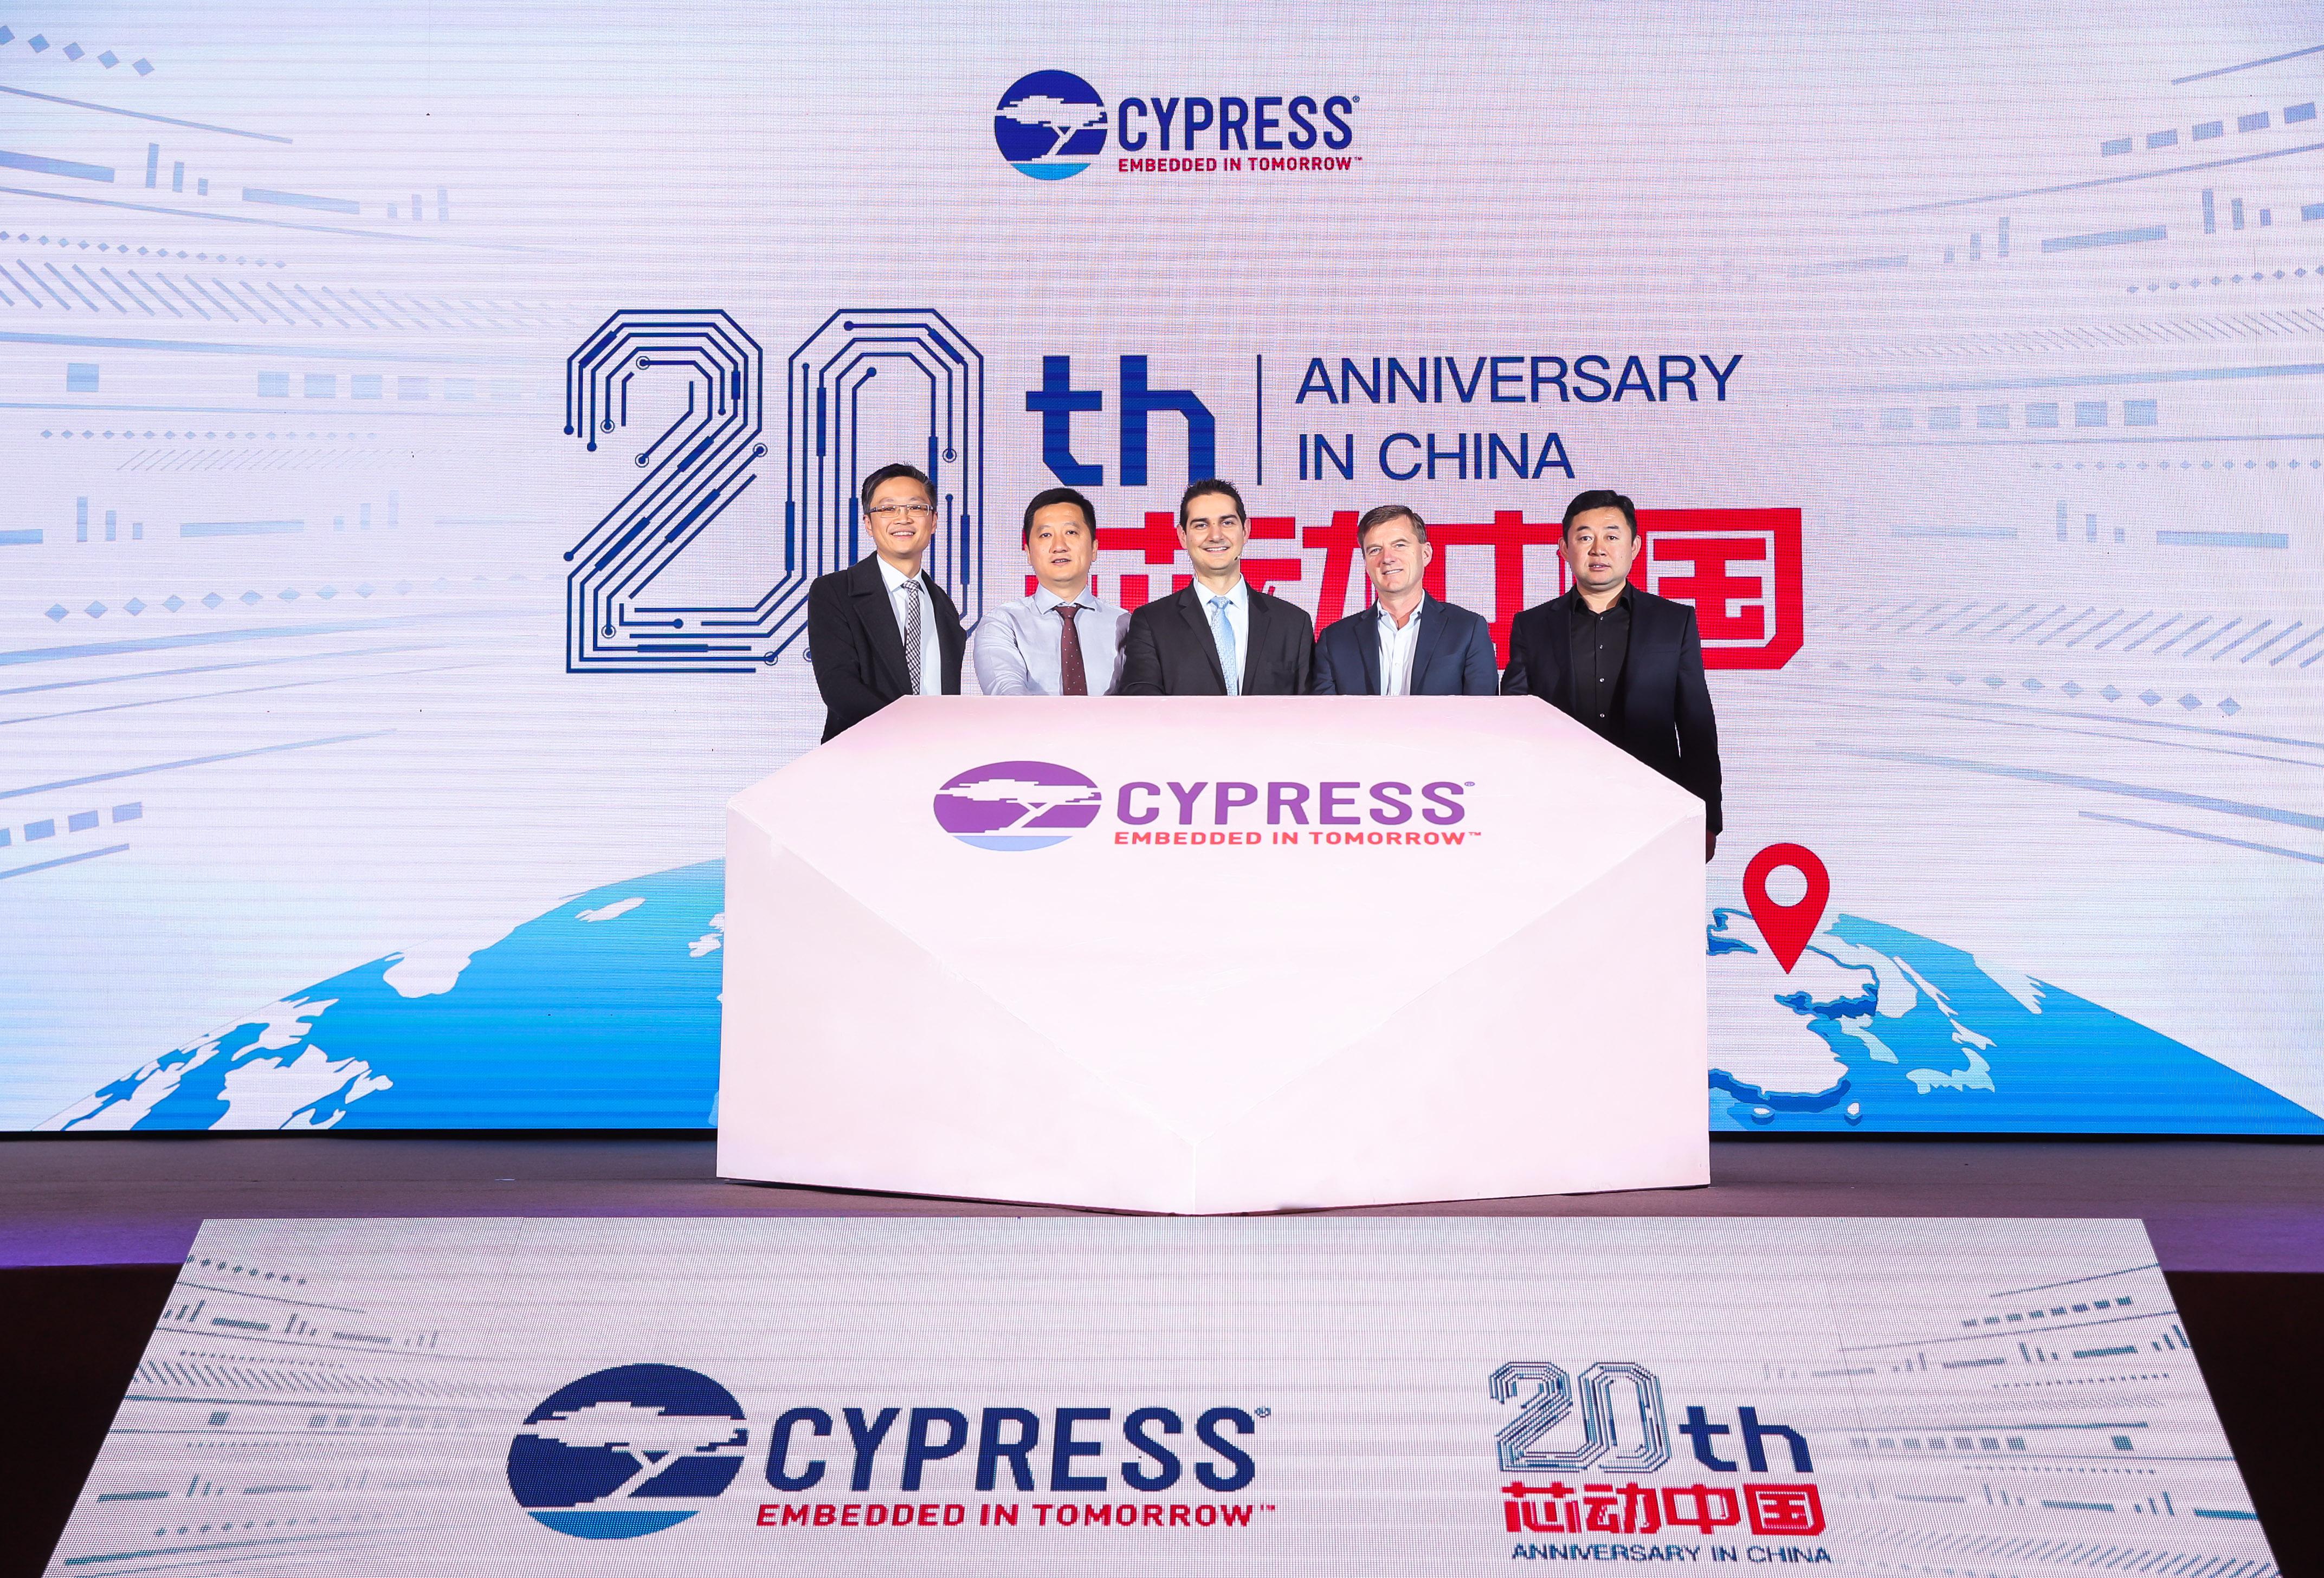 赛普拉斯进入中国20周年庆典在北京举行